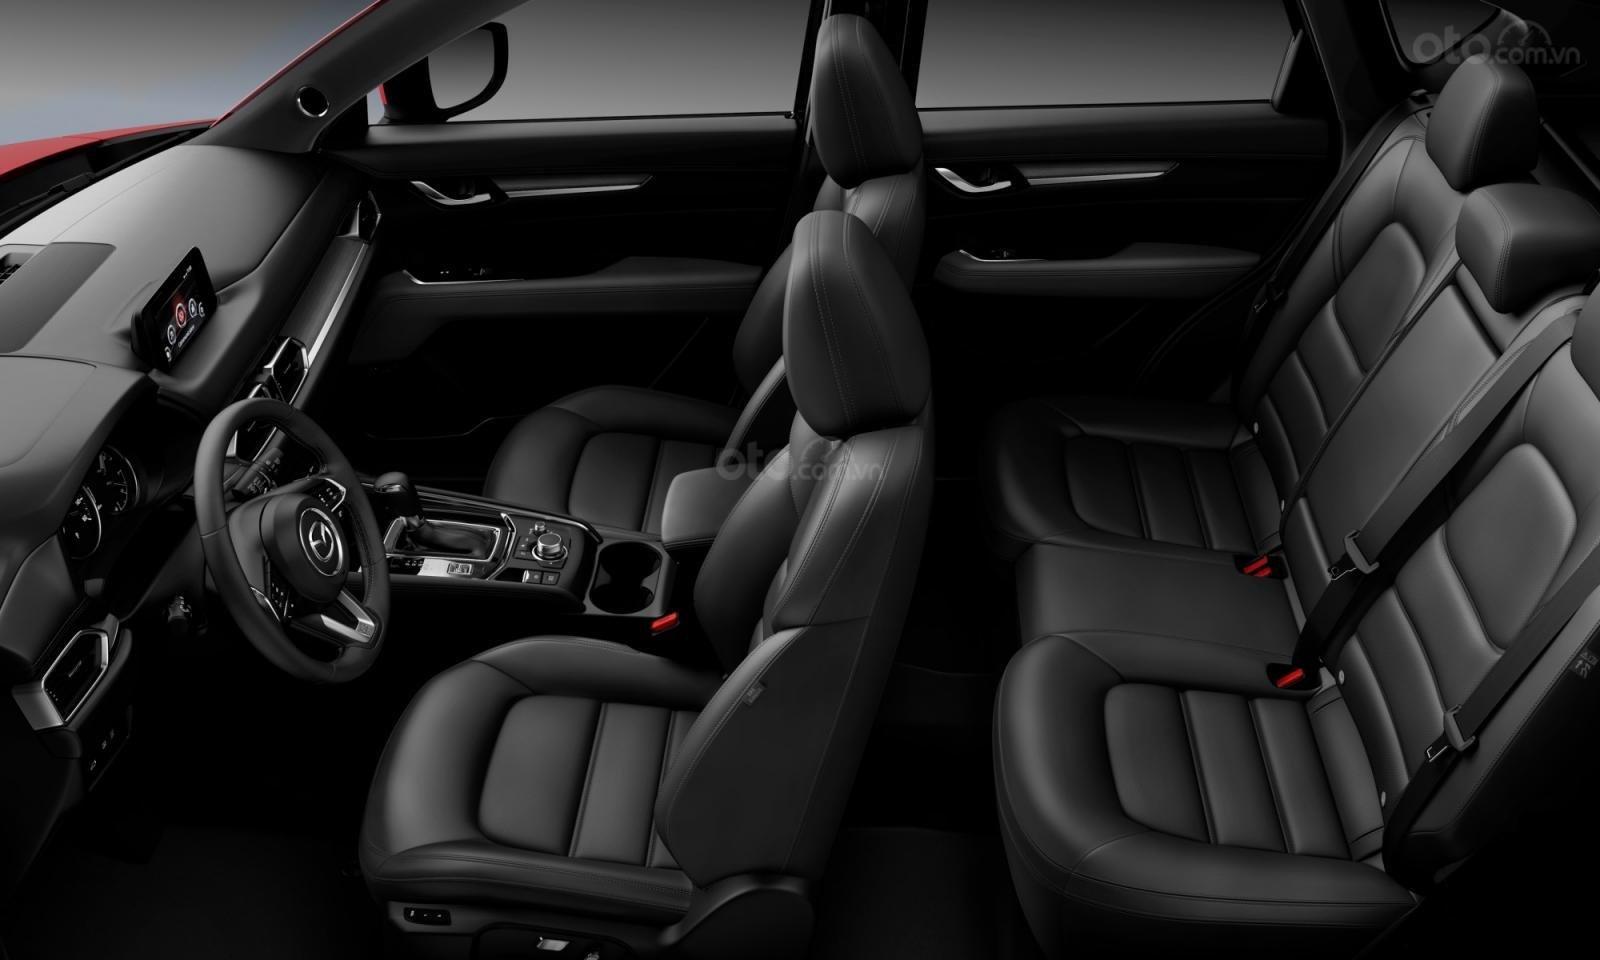 Mazda Phú Mỹ Hưng - New Mazda CX 5 2.0 Deluxe 2020, giá 844 triệu và ưu đãi tháng 03 (7)